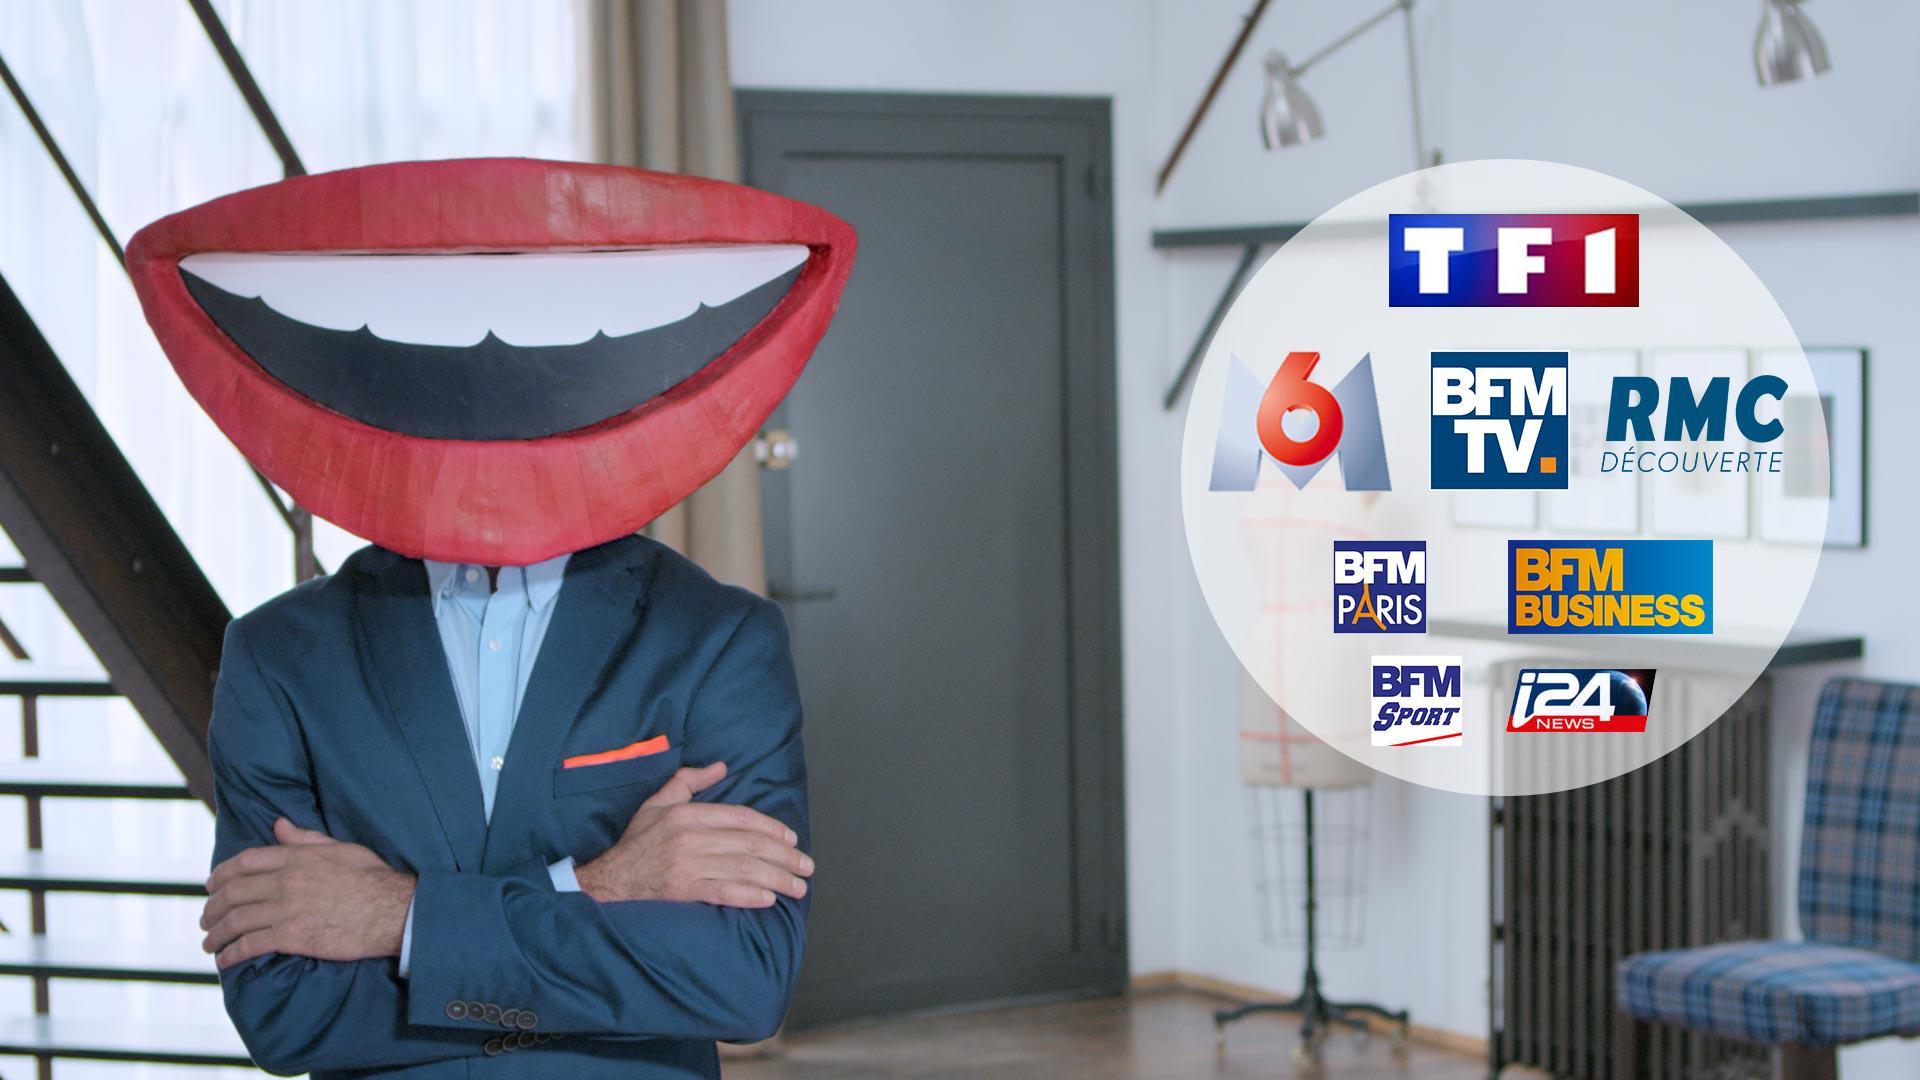 SAFTI très présent à la tv cet été : M6, TF1 et BFM TV